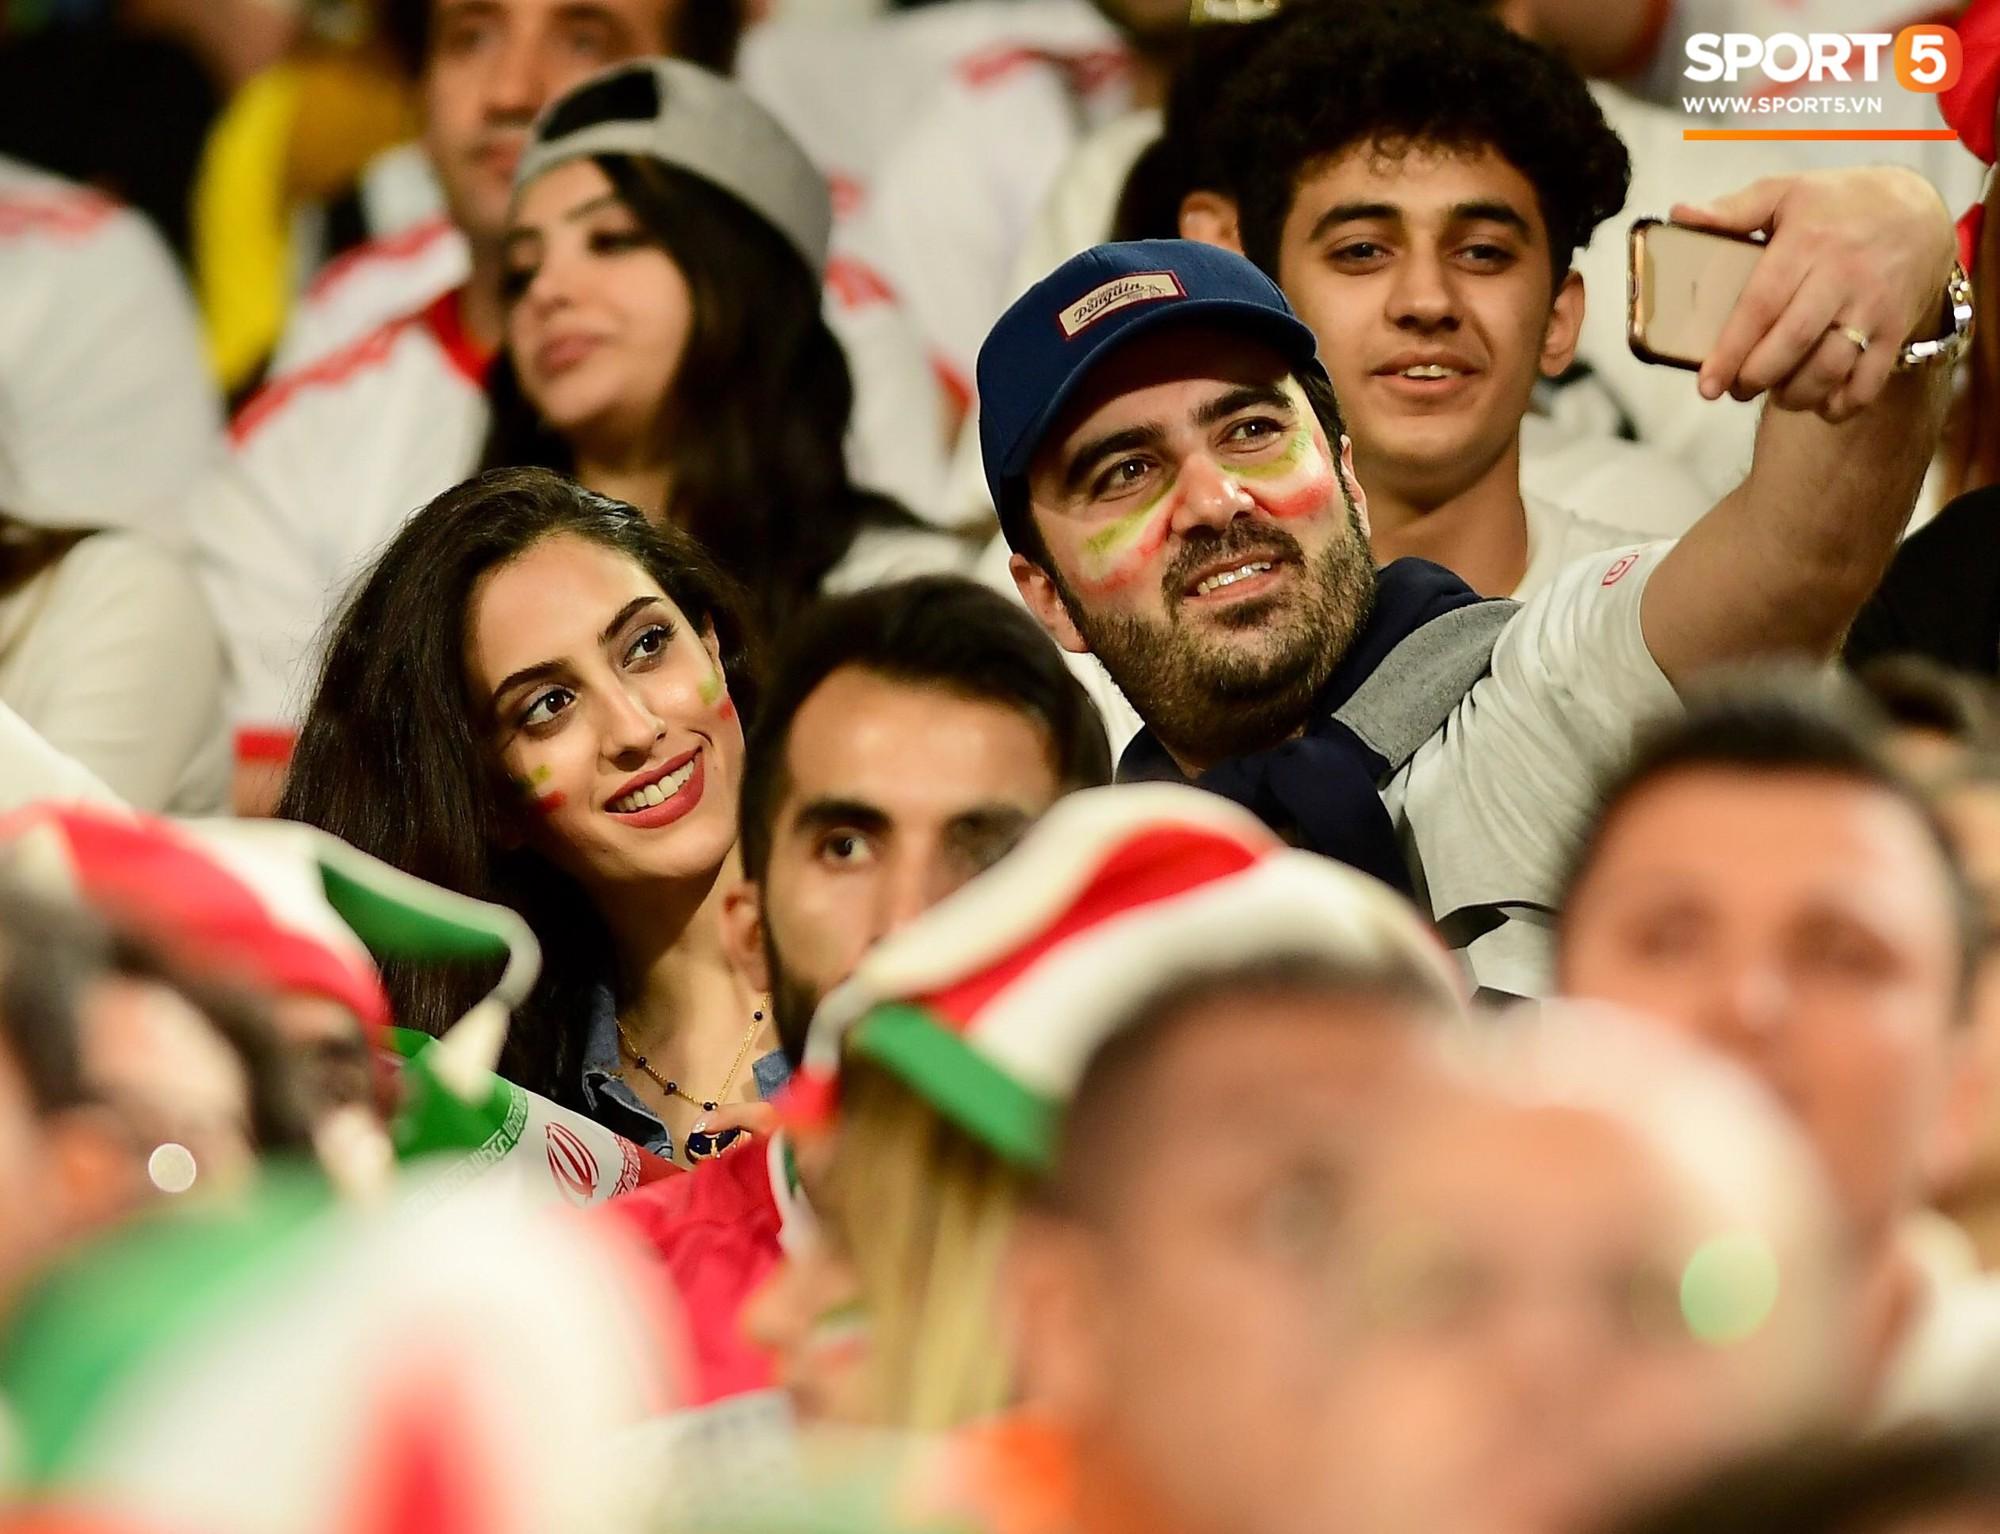 Ngất ngây với vẻ đẹp của fangirl Iran trong ngày đội nhà giành chiến thắng đậm trước Yemen - Ảnh 3.